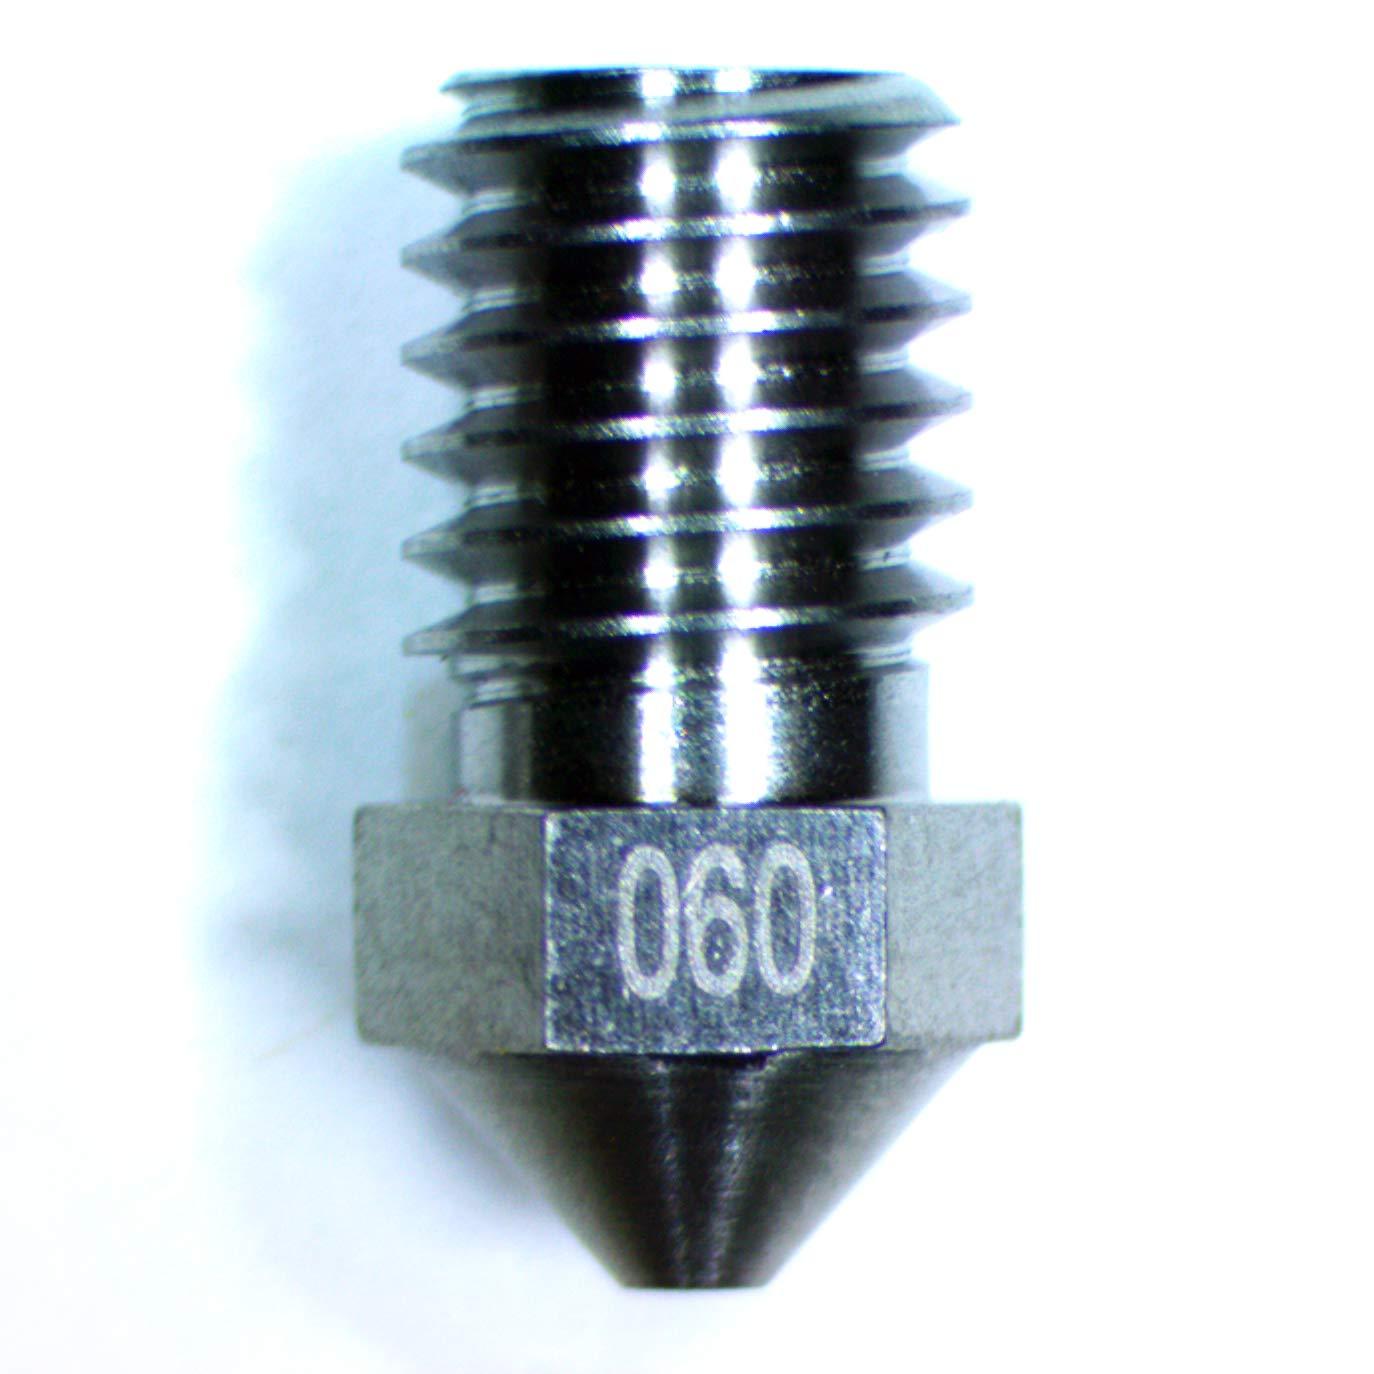 Impresora 3d De Tungsteno M6 Boquilla Extrusora 0.6mm Diamet